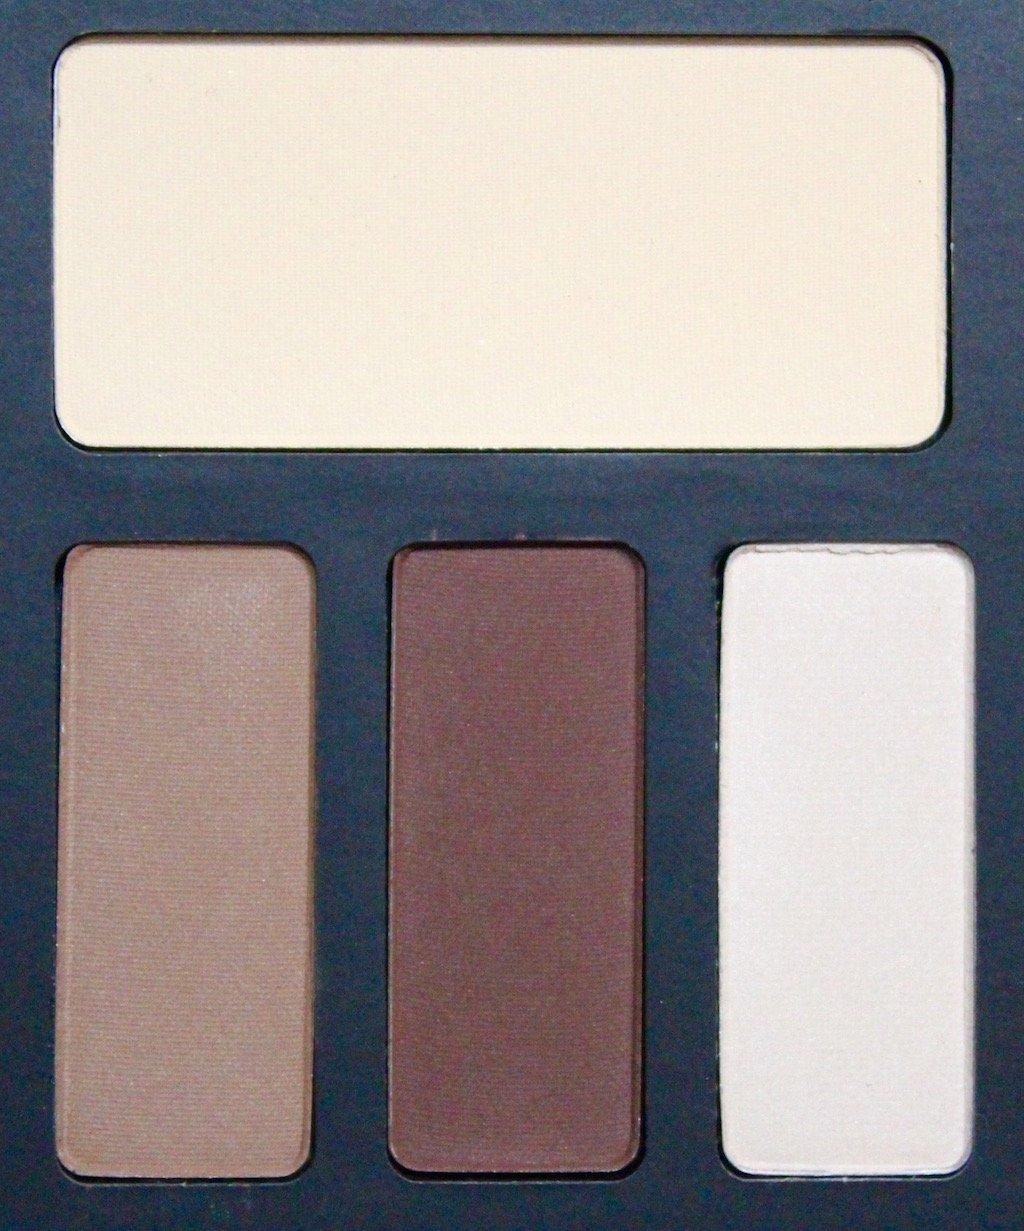 Kat Von D Shate + Light Eye Contour Palette neutral quad